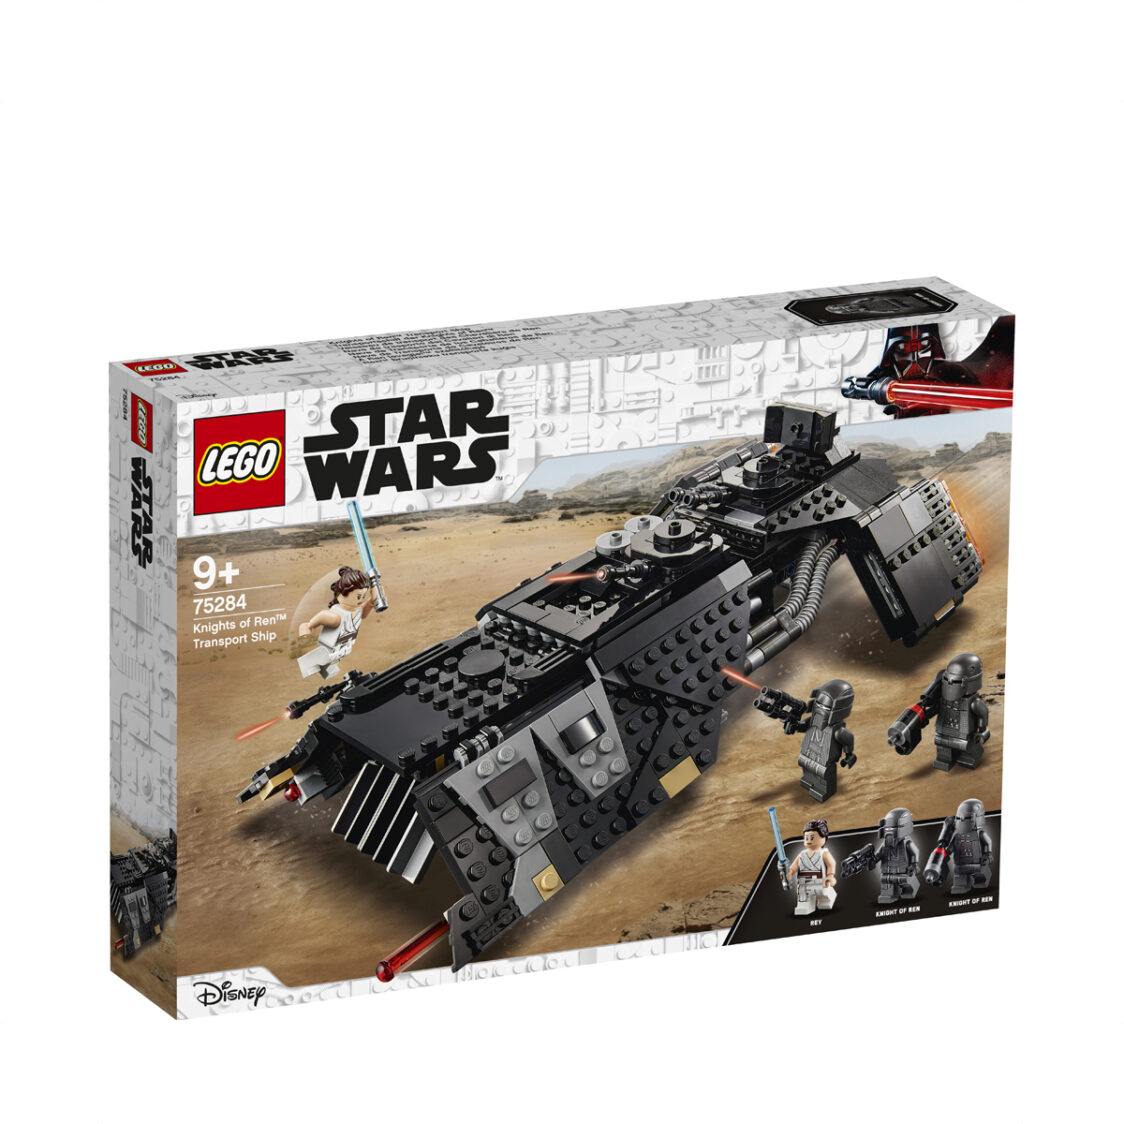 LEGO Knights of Ren Transport Ship 75284 V29